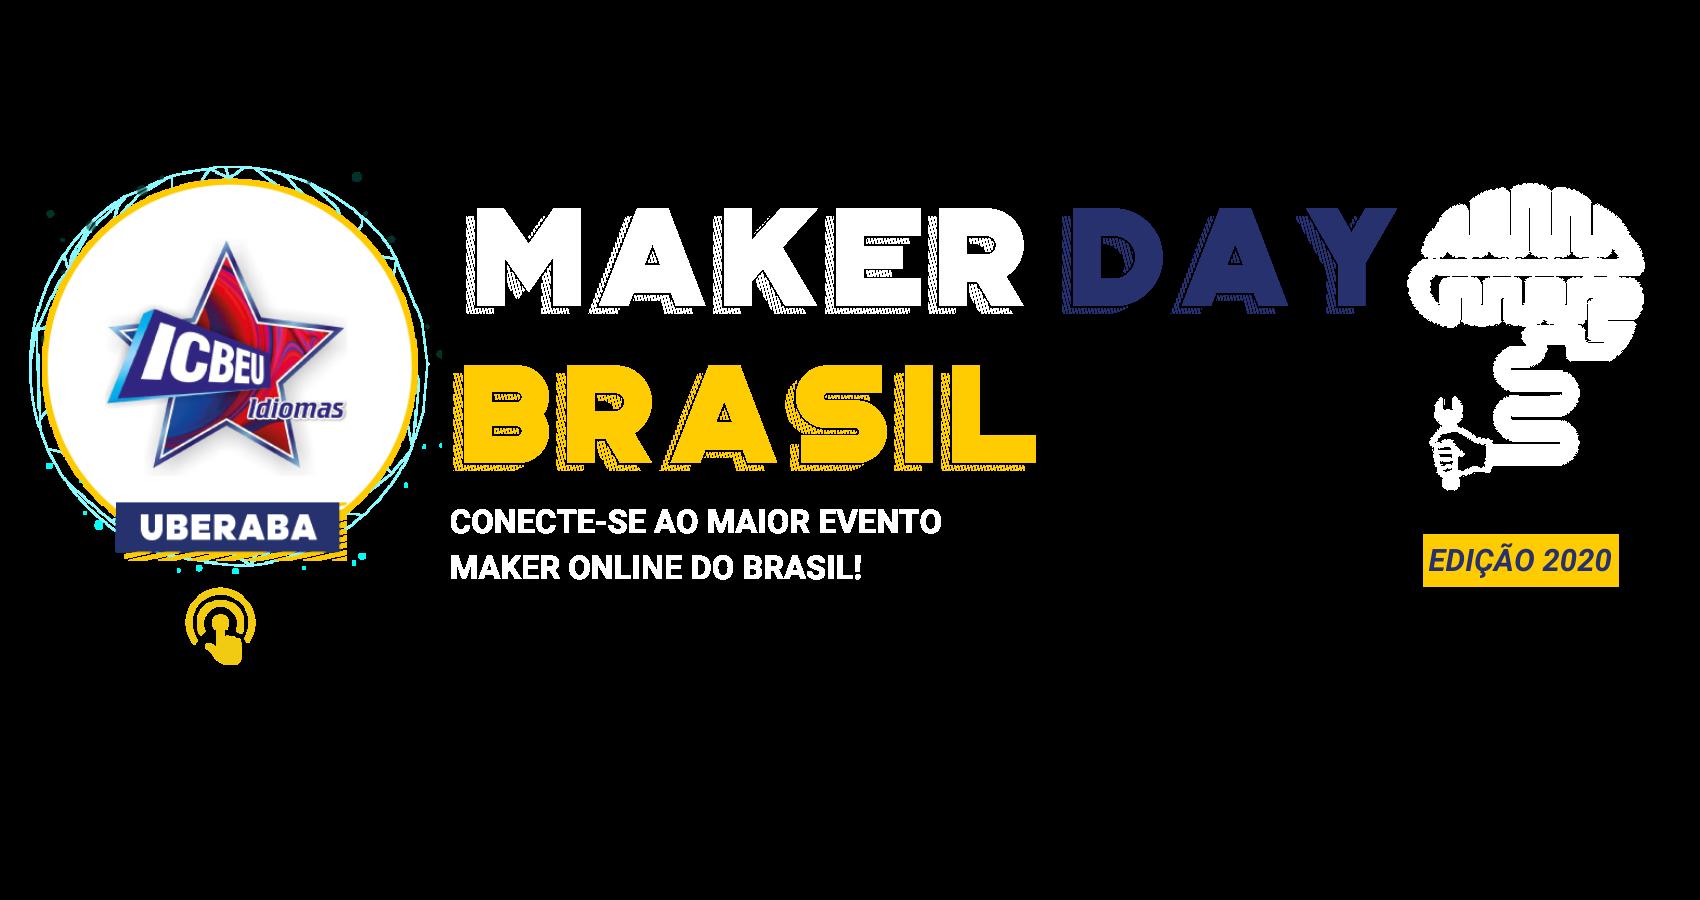 Maker Day Brasil Capa Uberaba